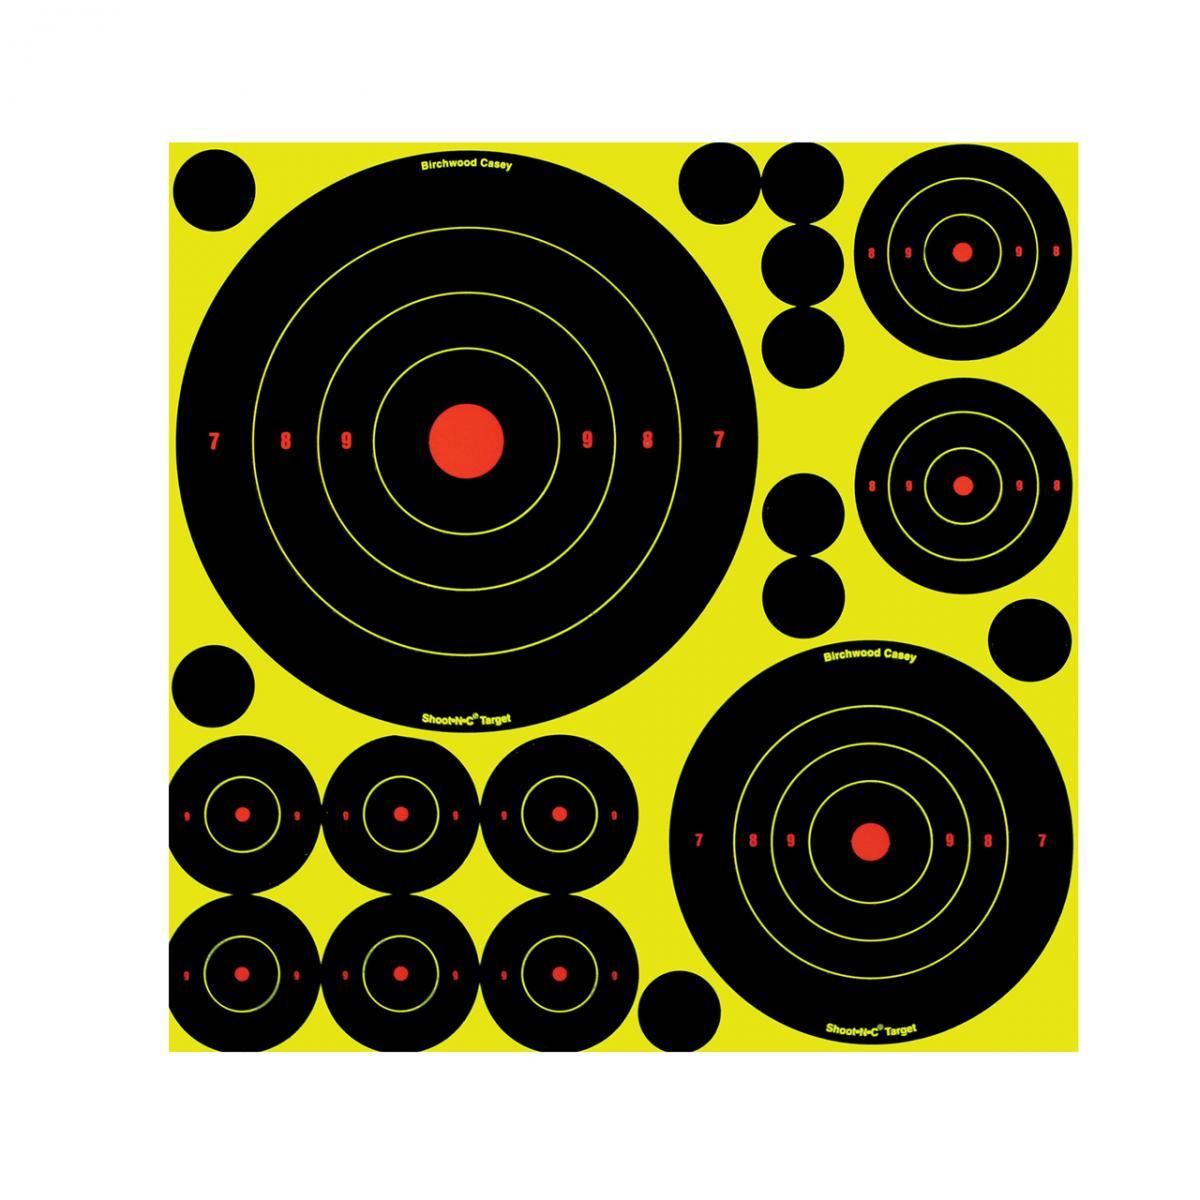 Cibles autocollantes avec impact fluo kit 50 pièces BA34018